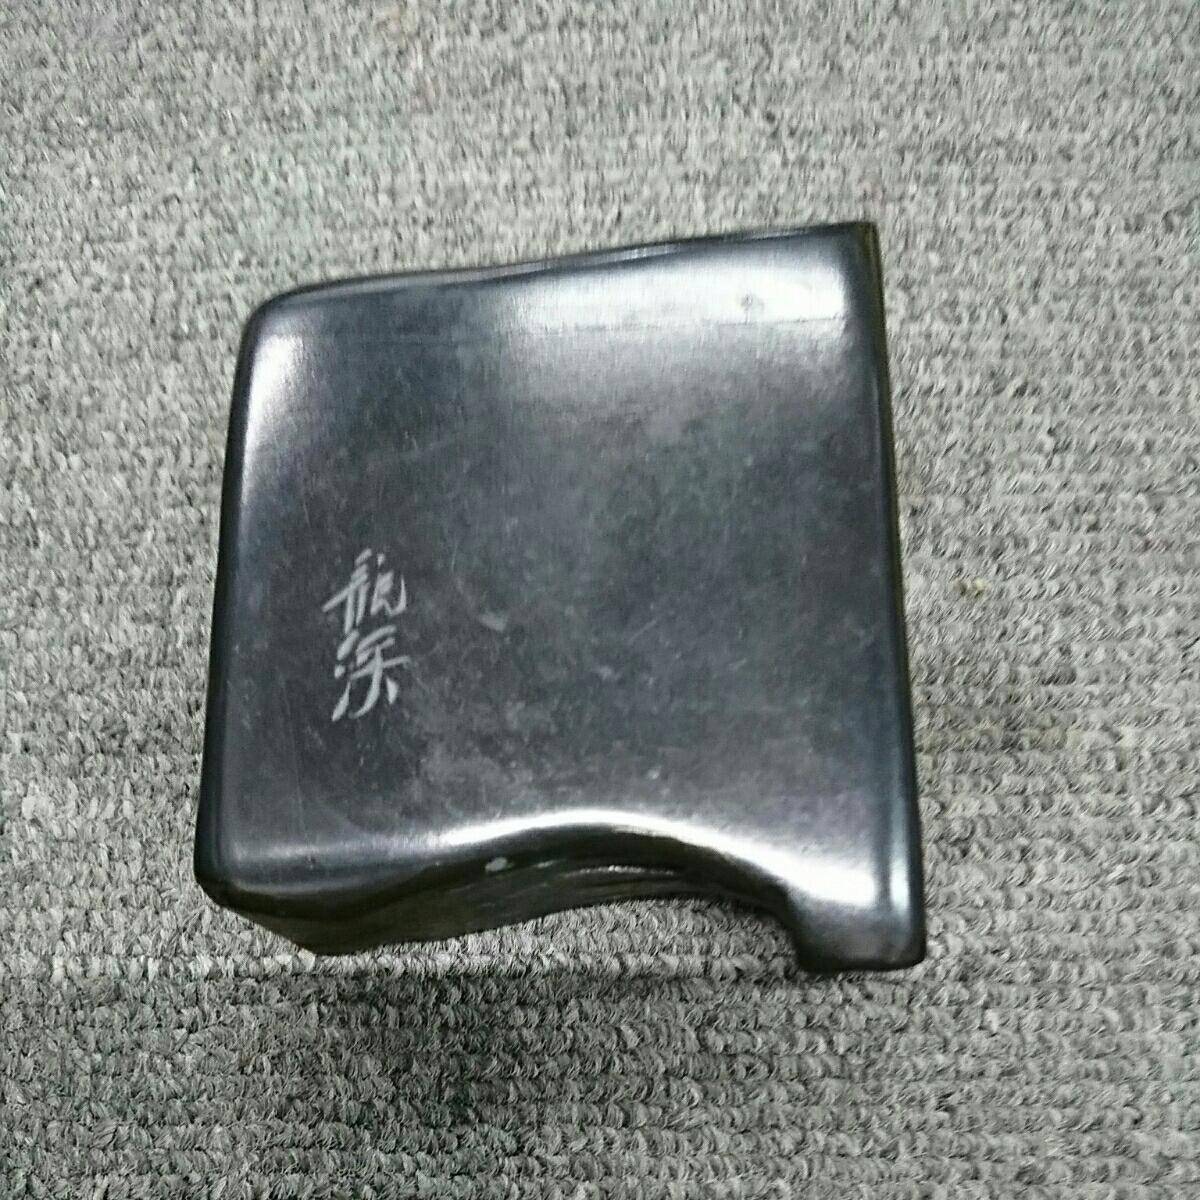 龍渓硯 中古 硯 スズリ 書道具 小型 和風堂崎監製_画像6